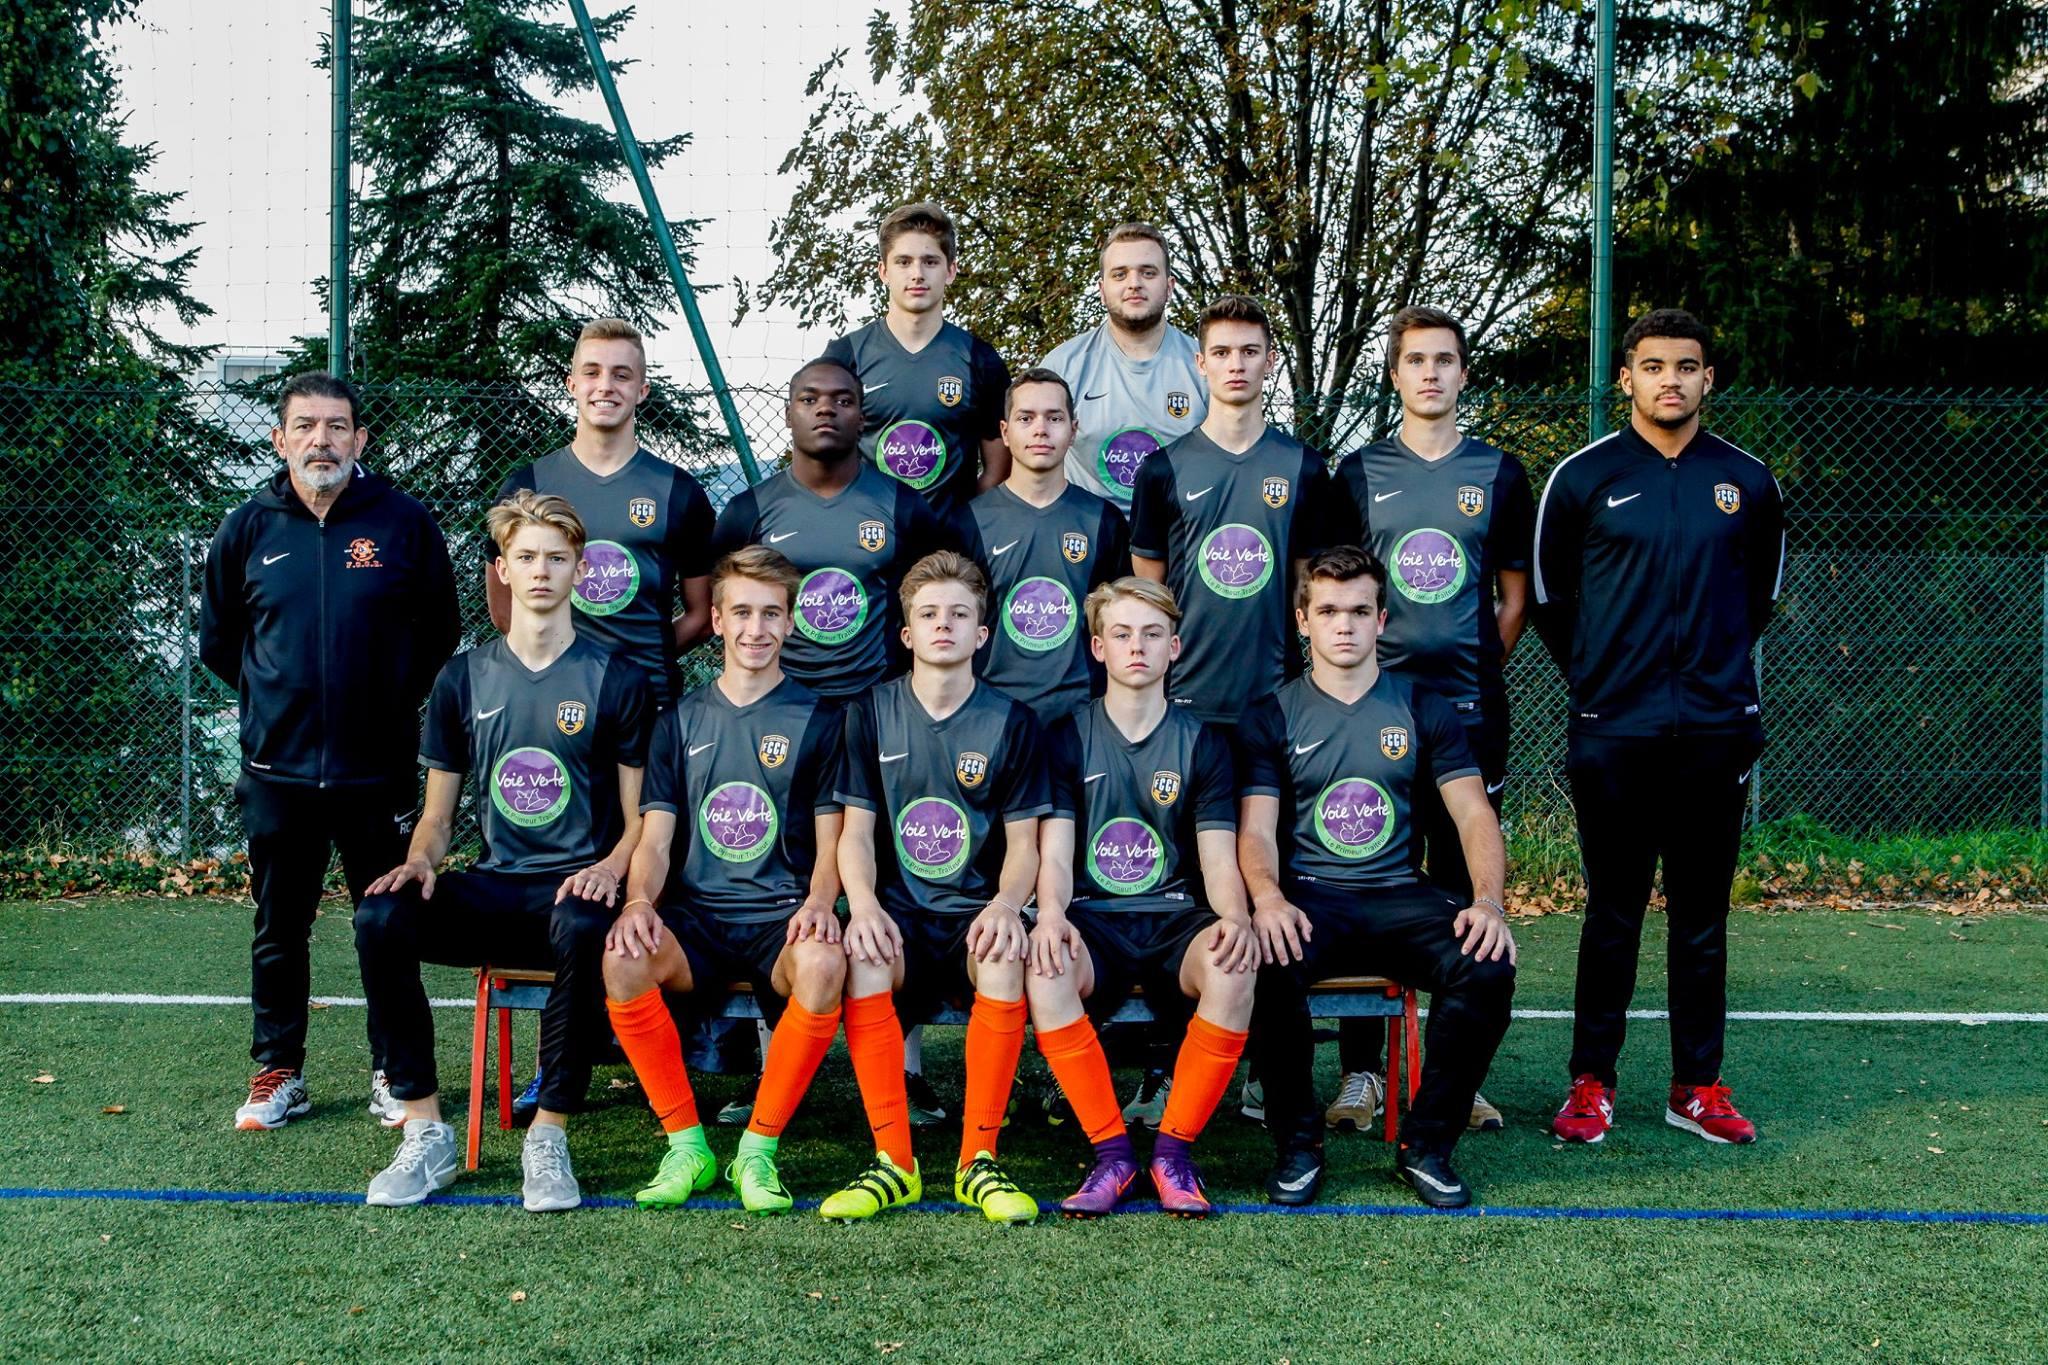 GROUPE U19 2017/2018